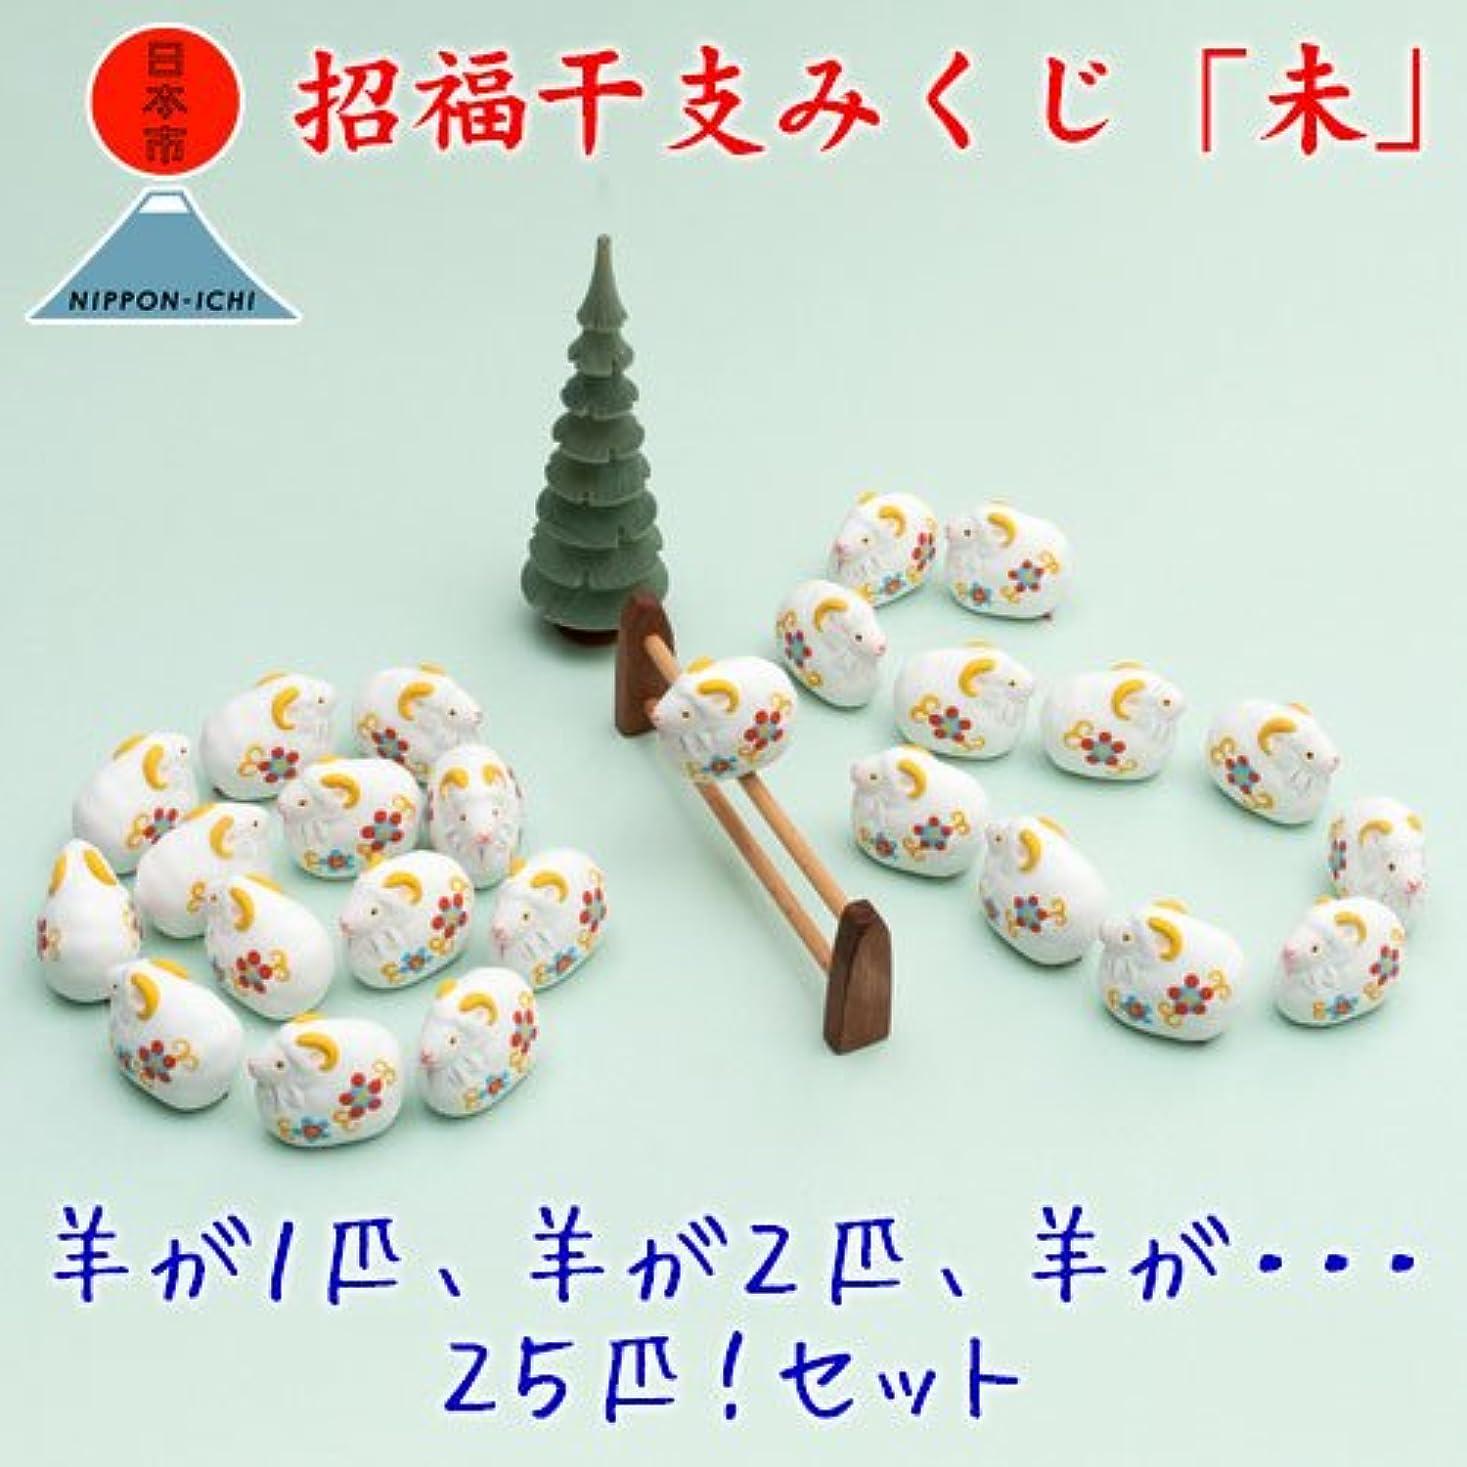 香り品揃えストライク【ノーブランド品】羊が1匹、羊が2匹、羊が???25匹招福干支みくじ「未」日本市正月おみくじセット